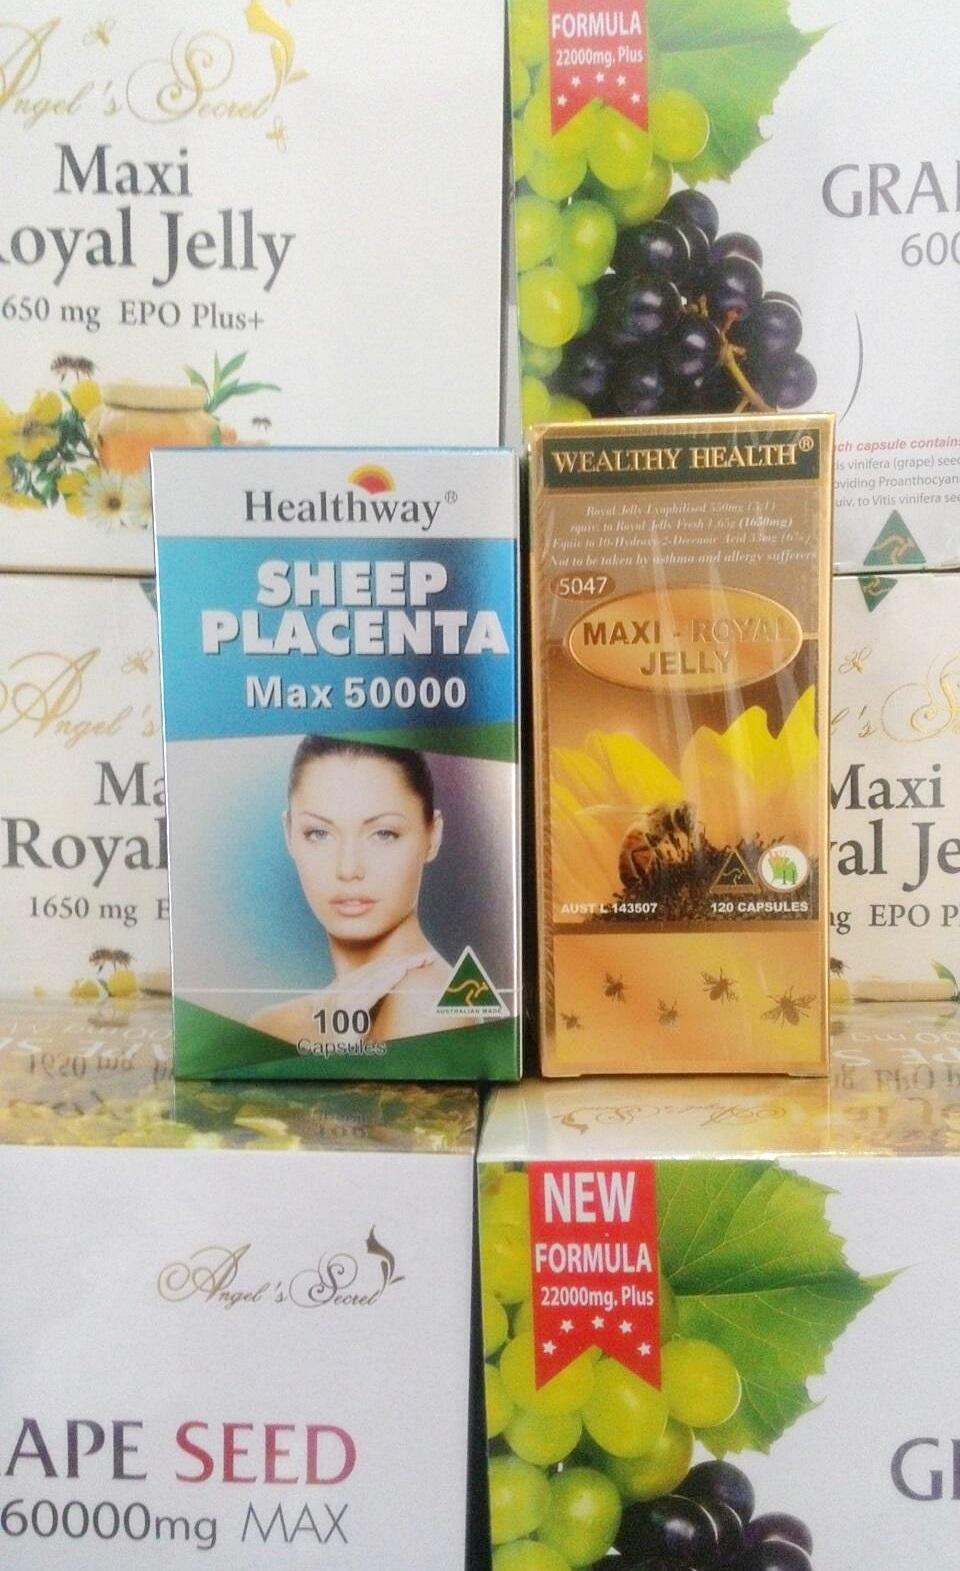 รกแกะ healthway 50,000 mg.max 1 ขวด 100 เม็ด +นมผึ้งwealthy health maxi6 1 ขวด 120 เม็ด ทานบำรุงผิวพรรณขาวใส อ่อนเยาว์ และสุขภาพดีด้วย